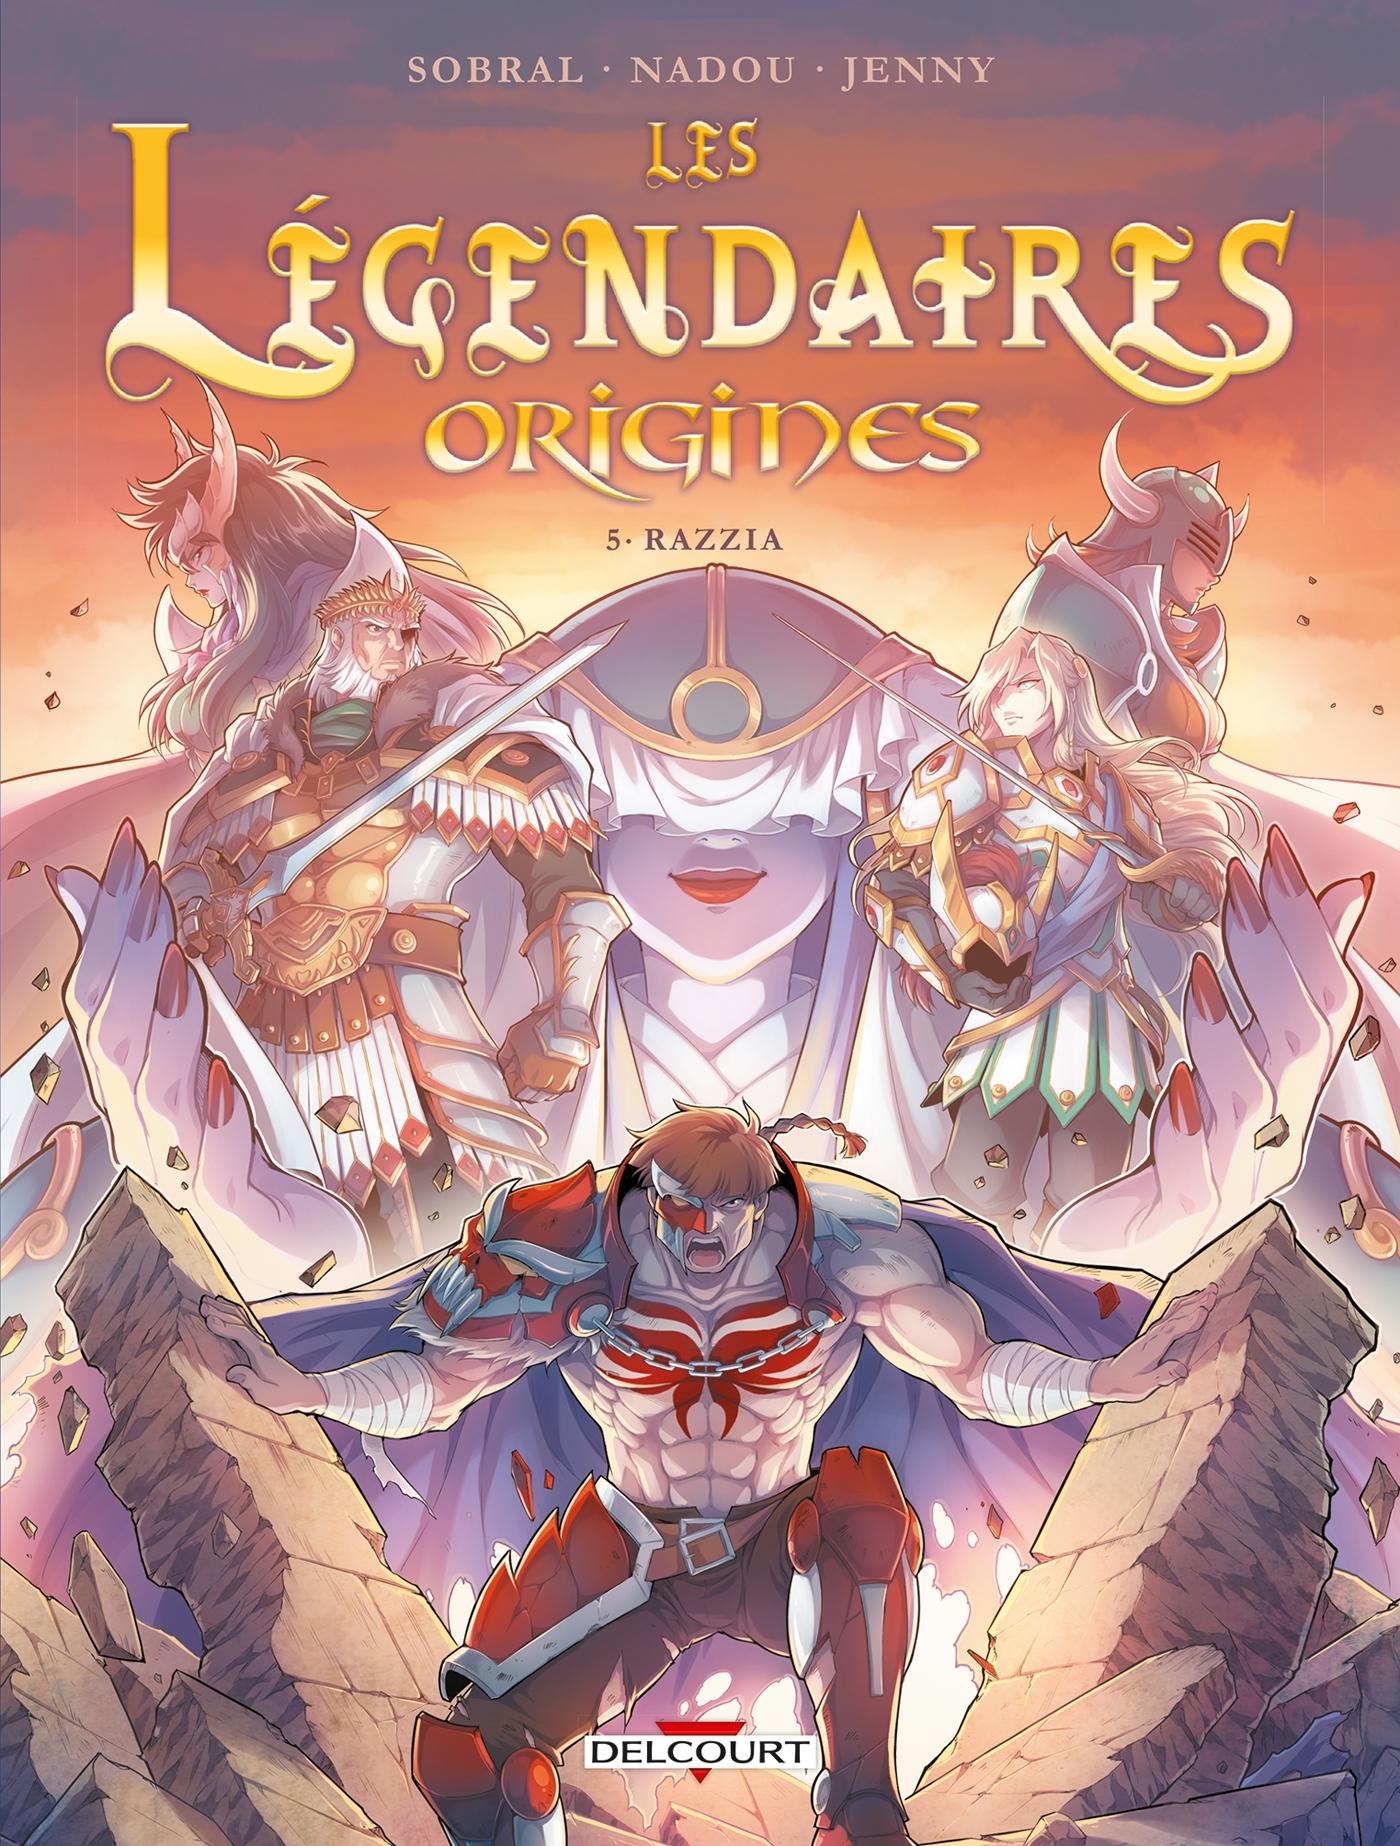 LEGENDAIRES - ORIGINES 5. RAZZIA